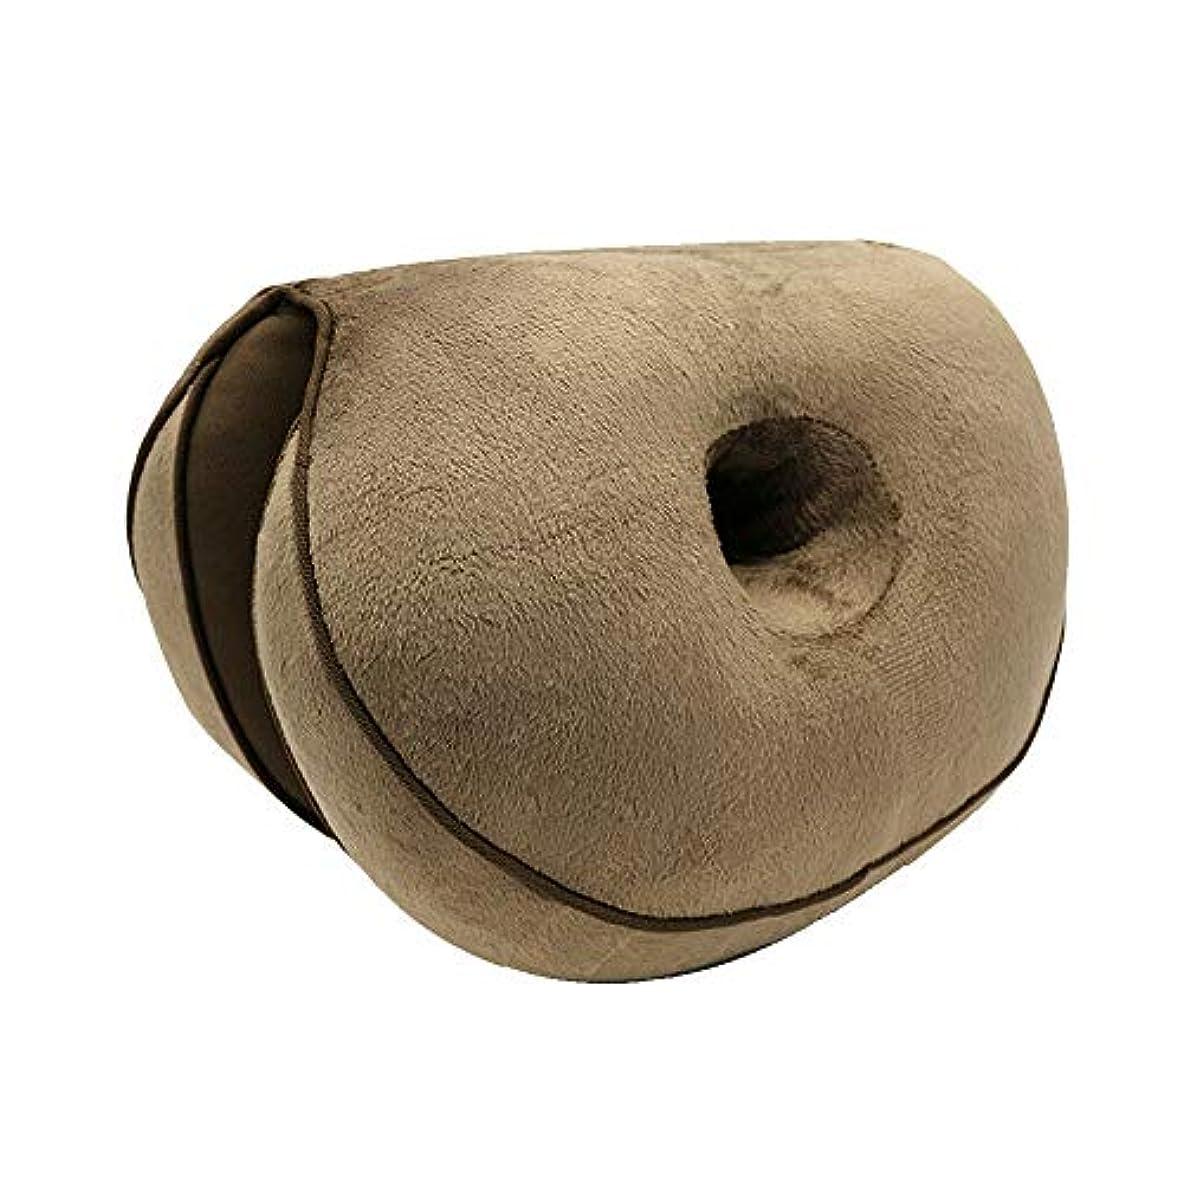 大学シェフ枕LIFE 新デュアルシートクッション低反発ラテックスオフィスチェアバックシートクッション快適な臀部マットパッド枕旅行枕女性女の子 クッション 椅子